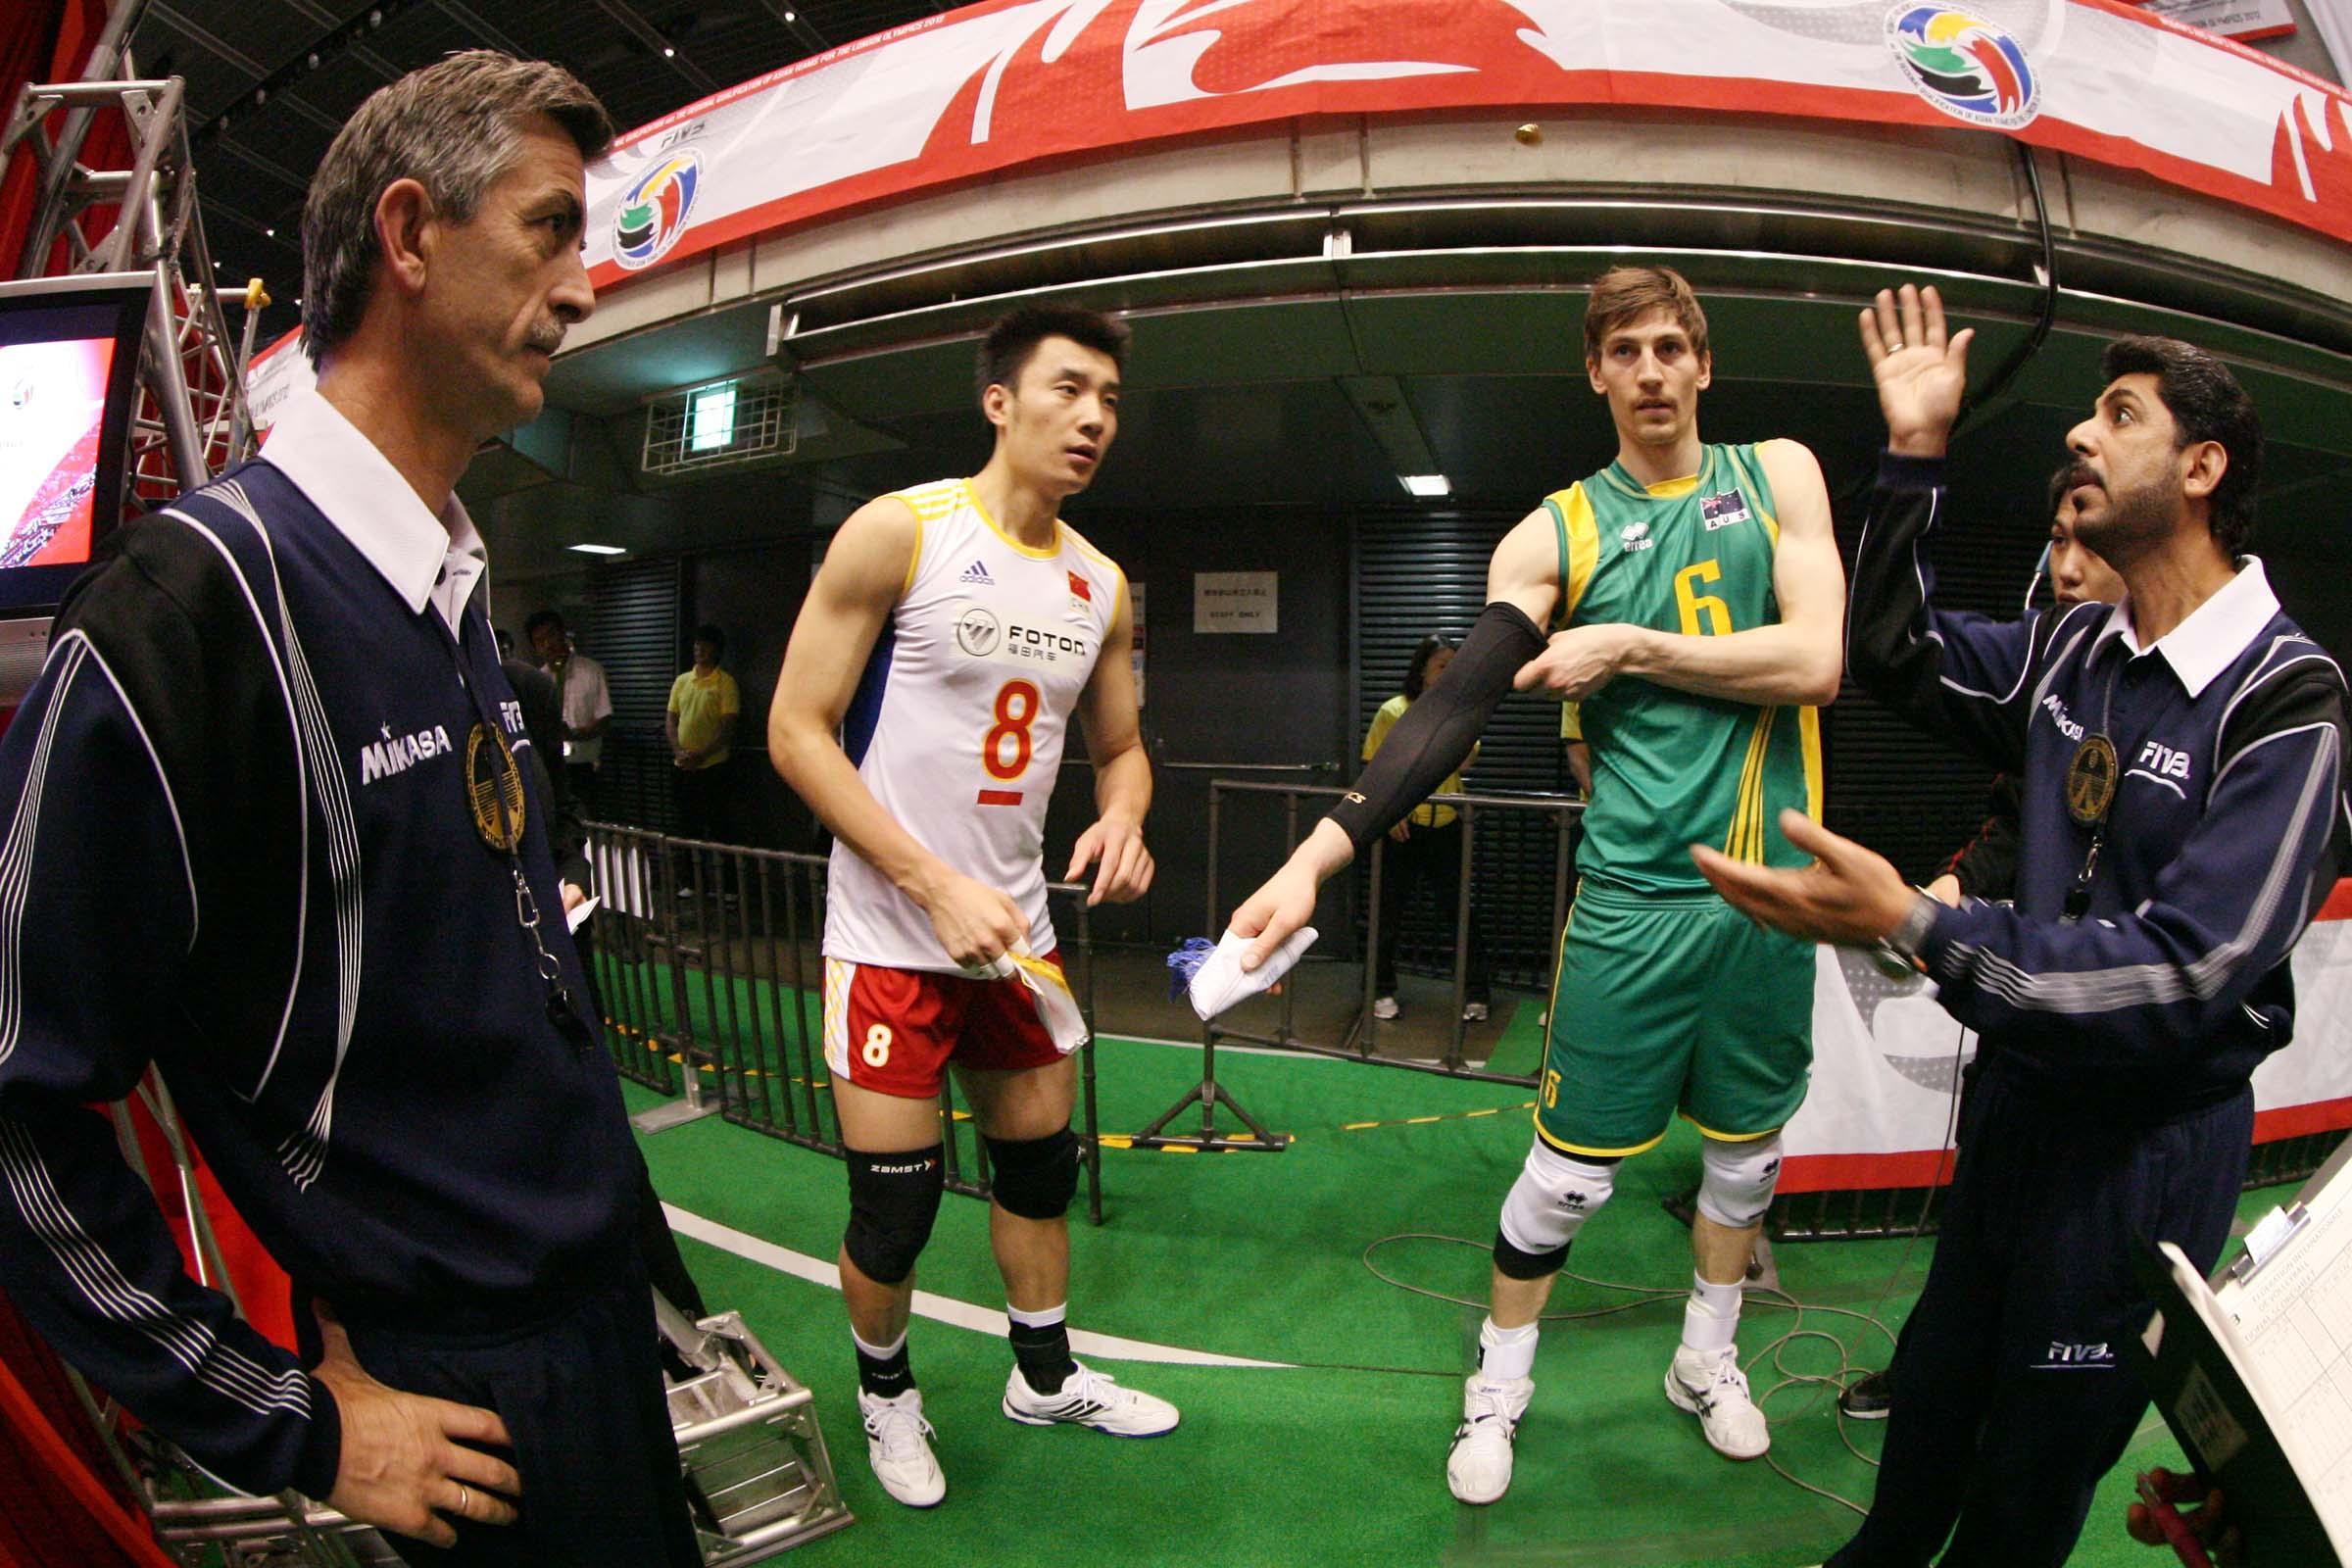 نتیجه ی زنده ی بازی والیبال چين - استراليا/استرالیا به جای ایران به المپیک رفت